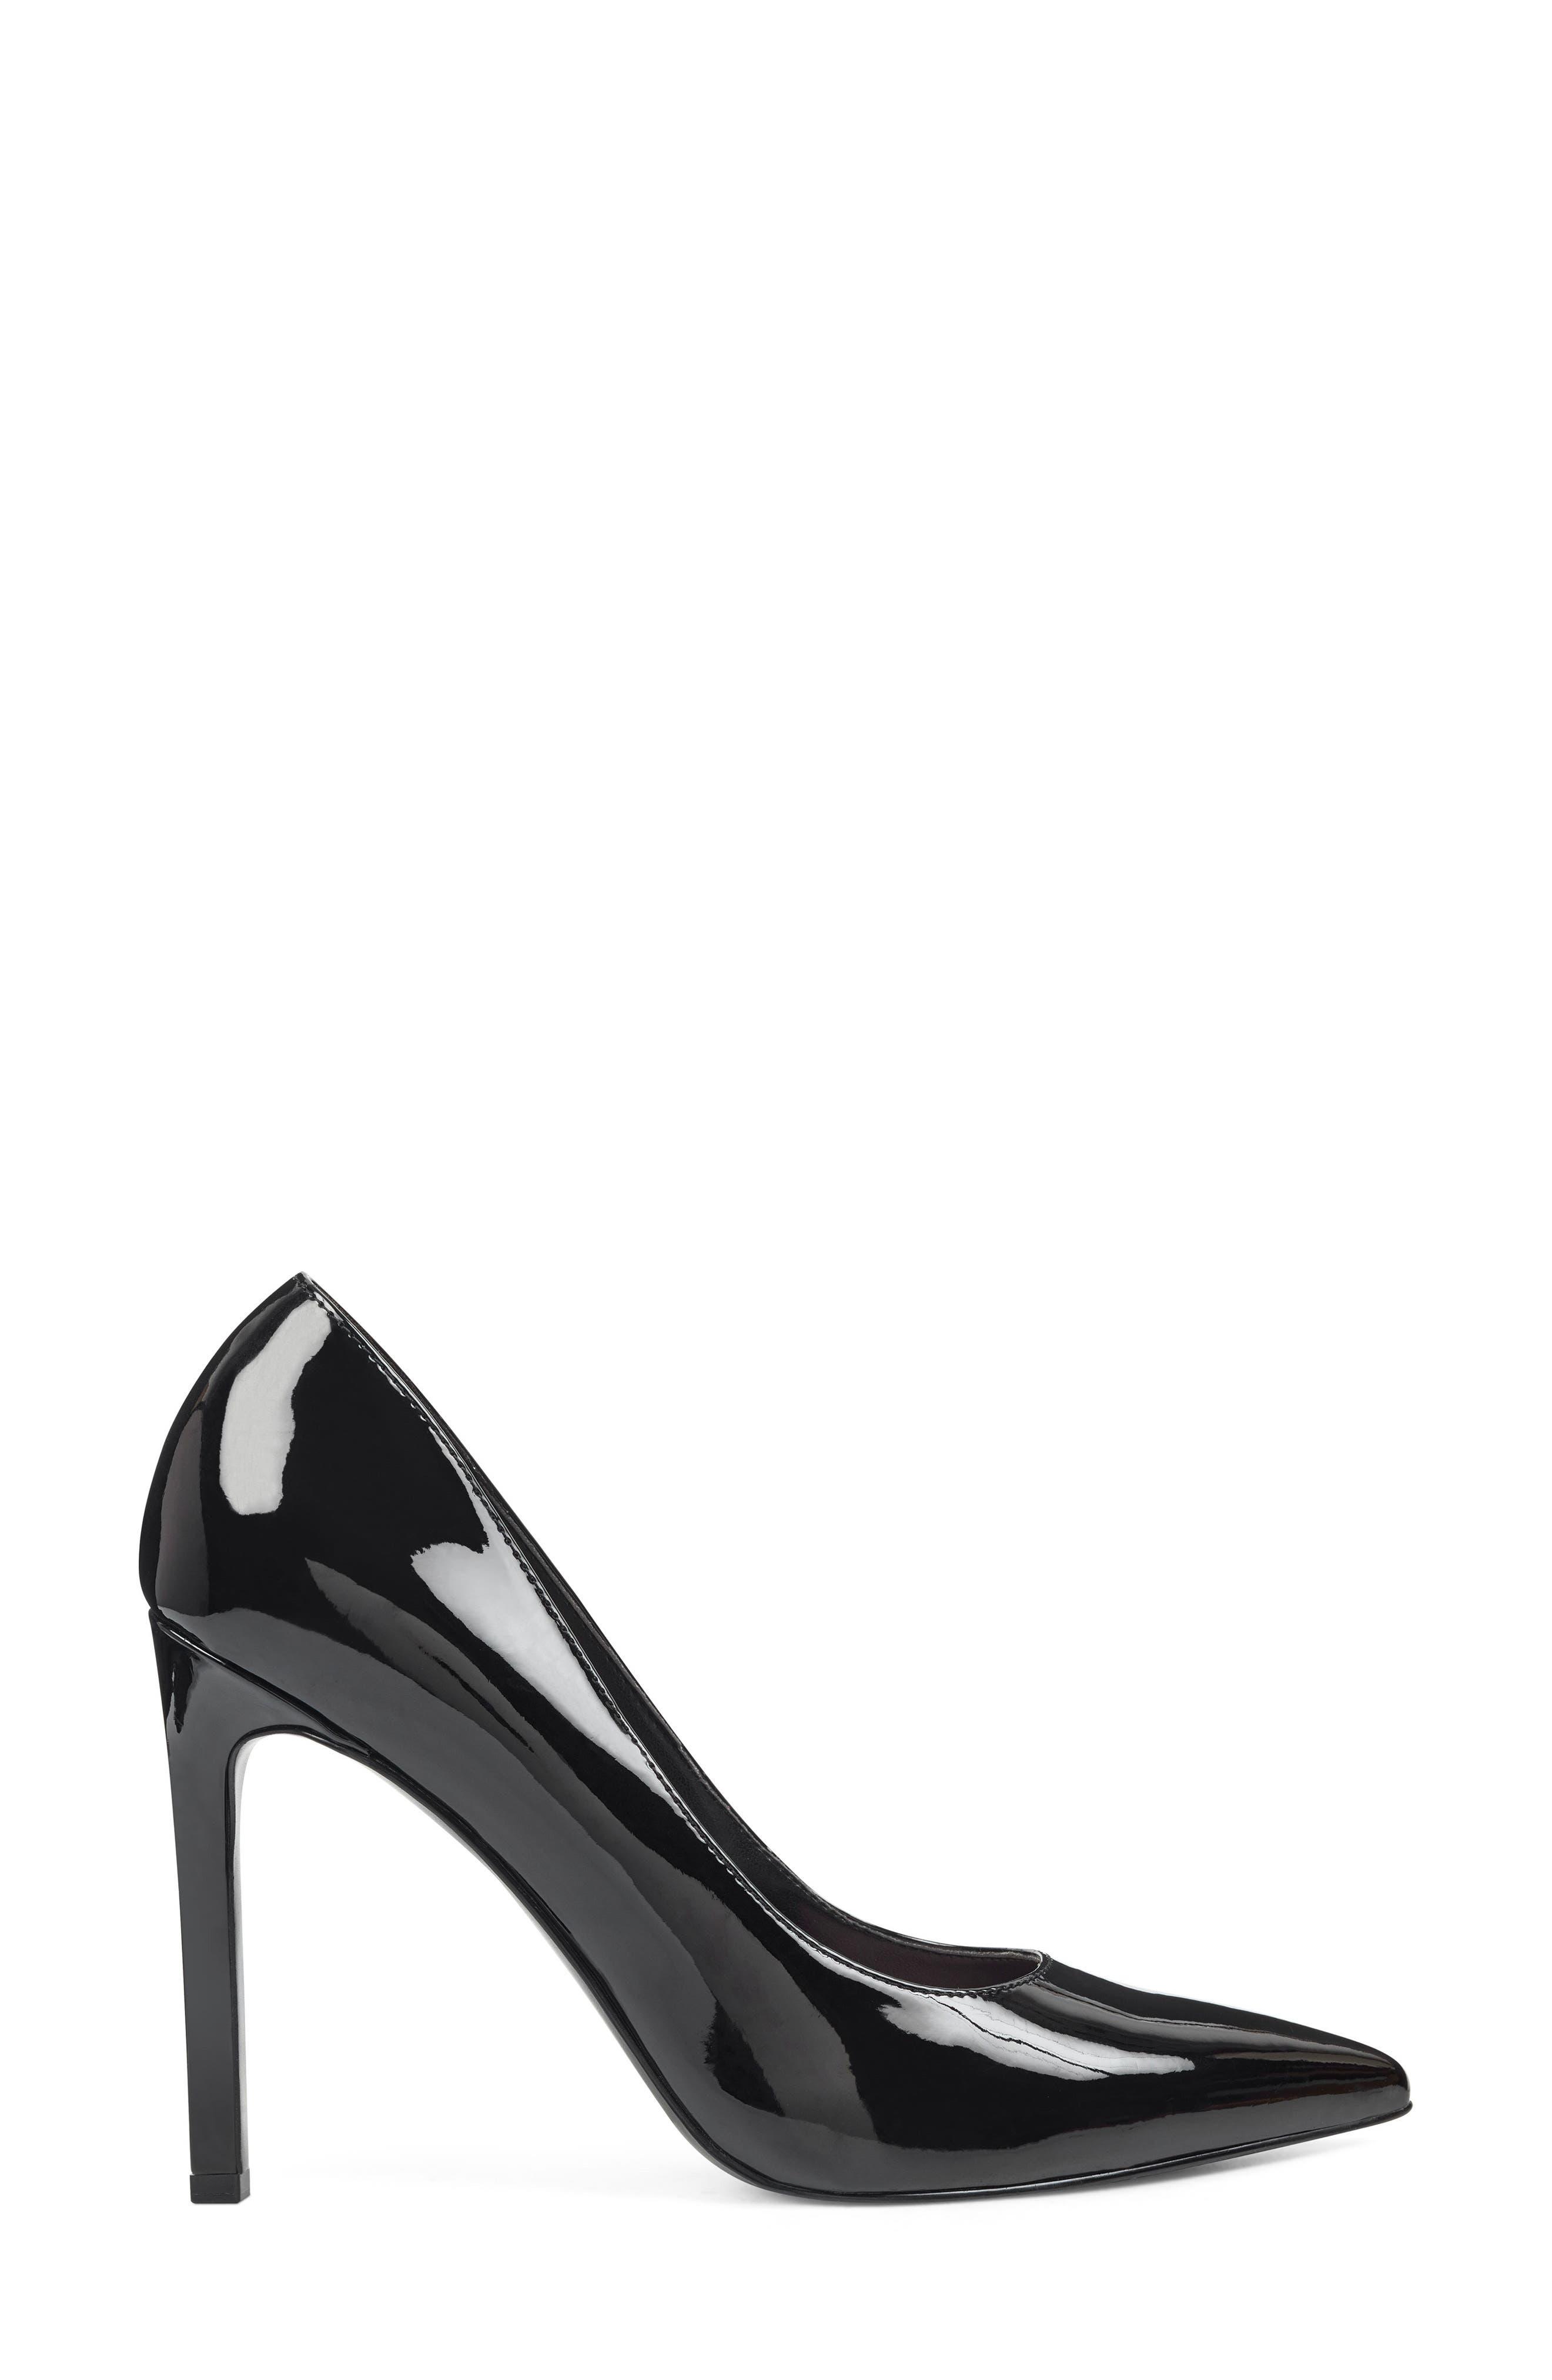 77f0c5ad2f6 Women s Nine West Shoes